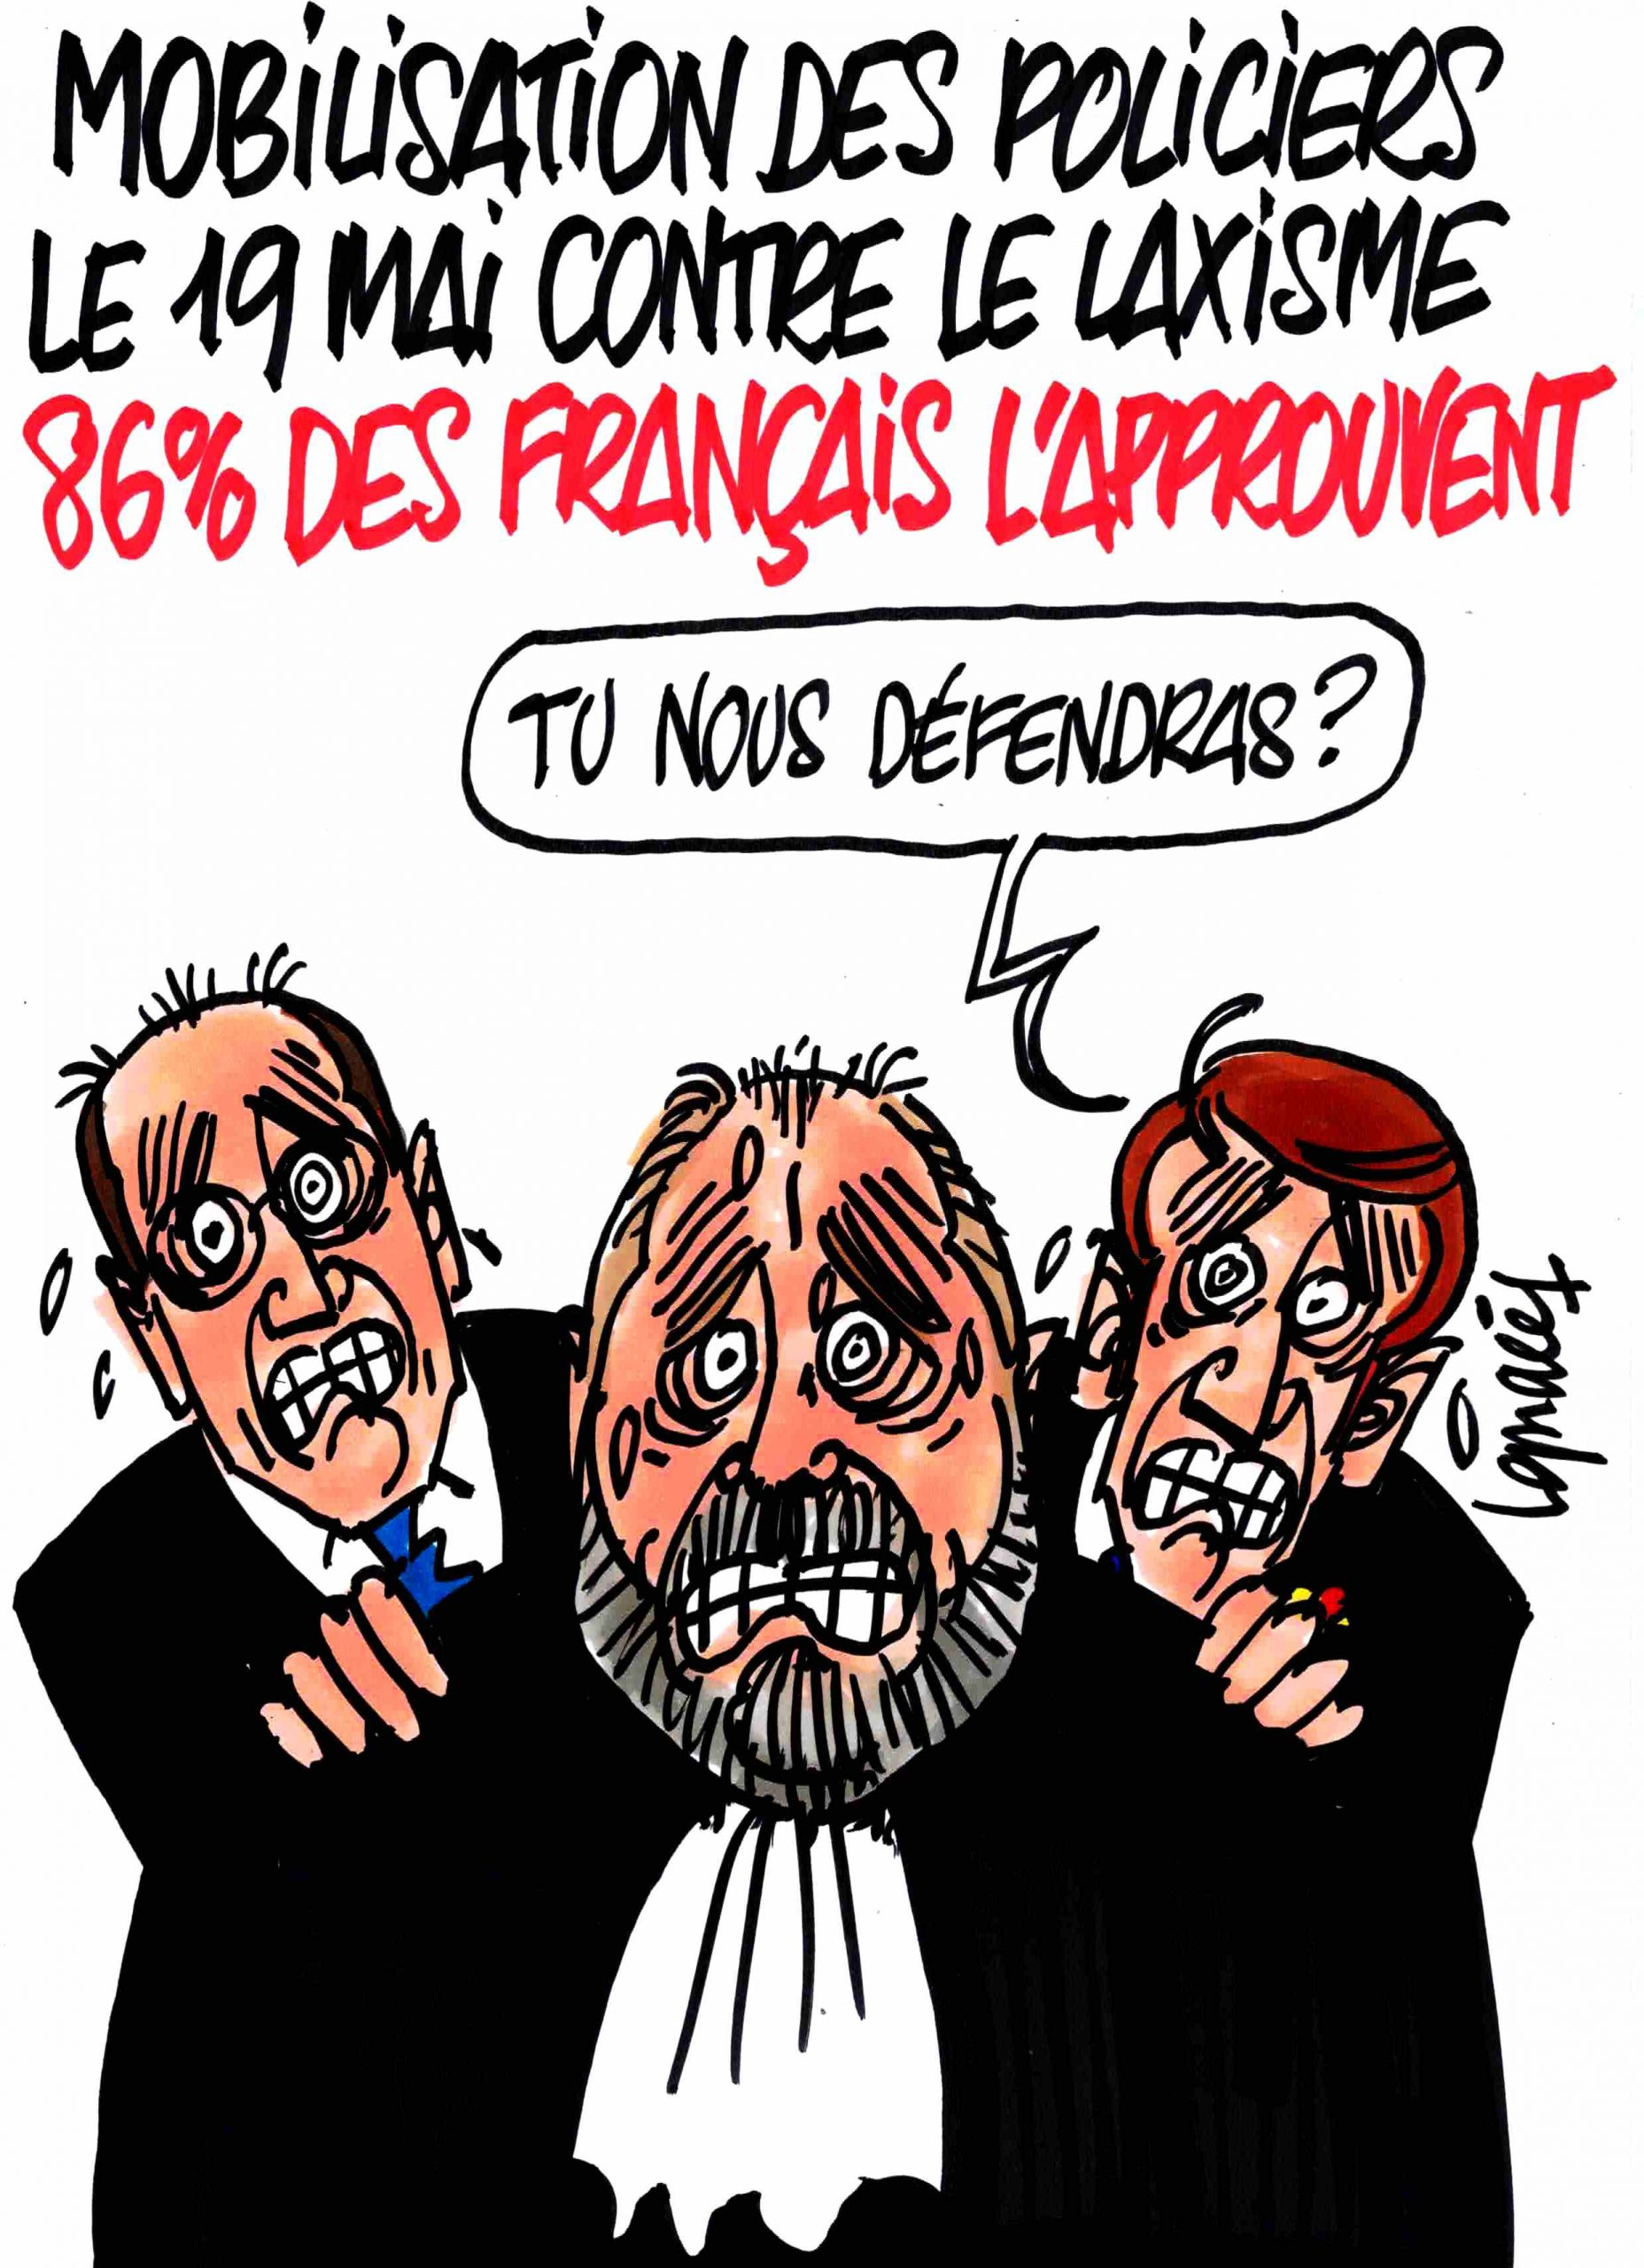 Ignace - Les Français soutiennent la police